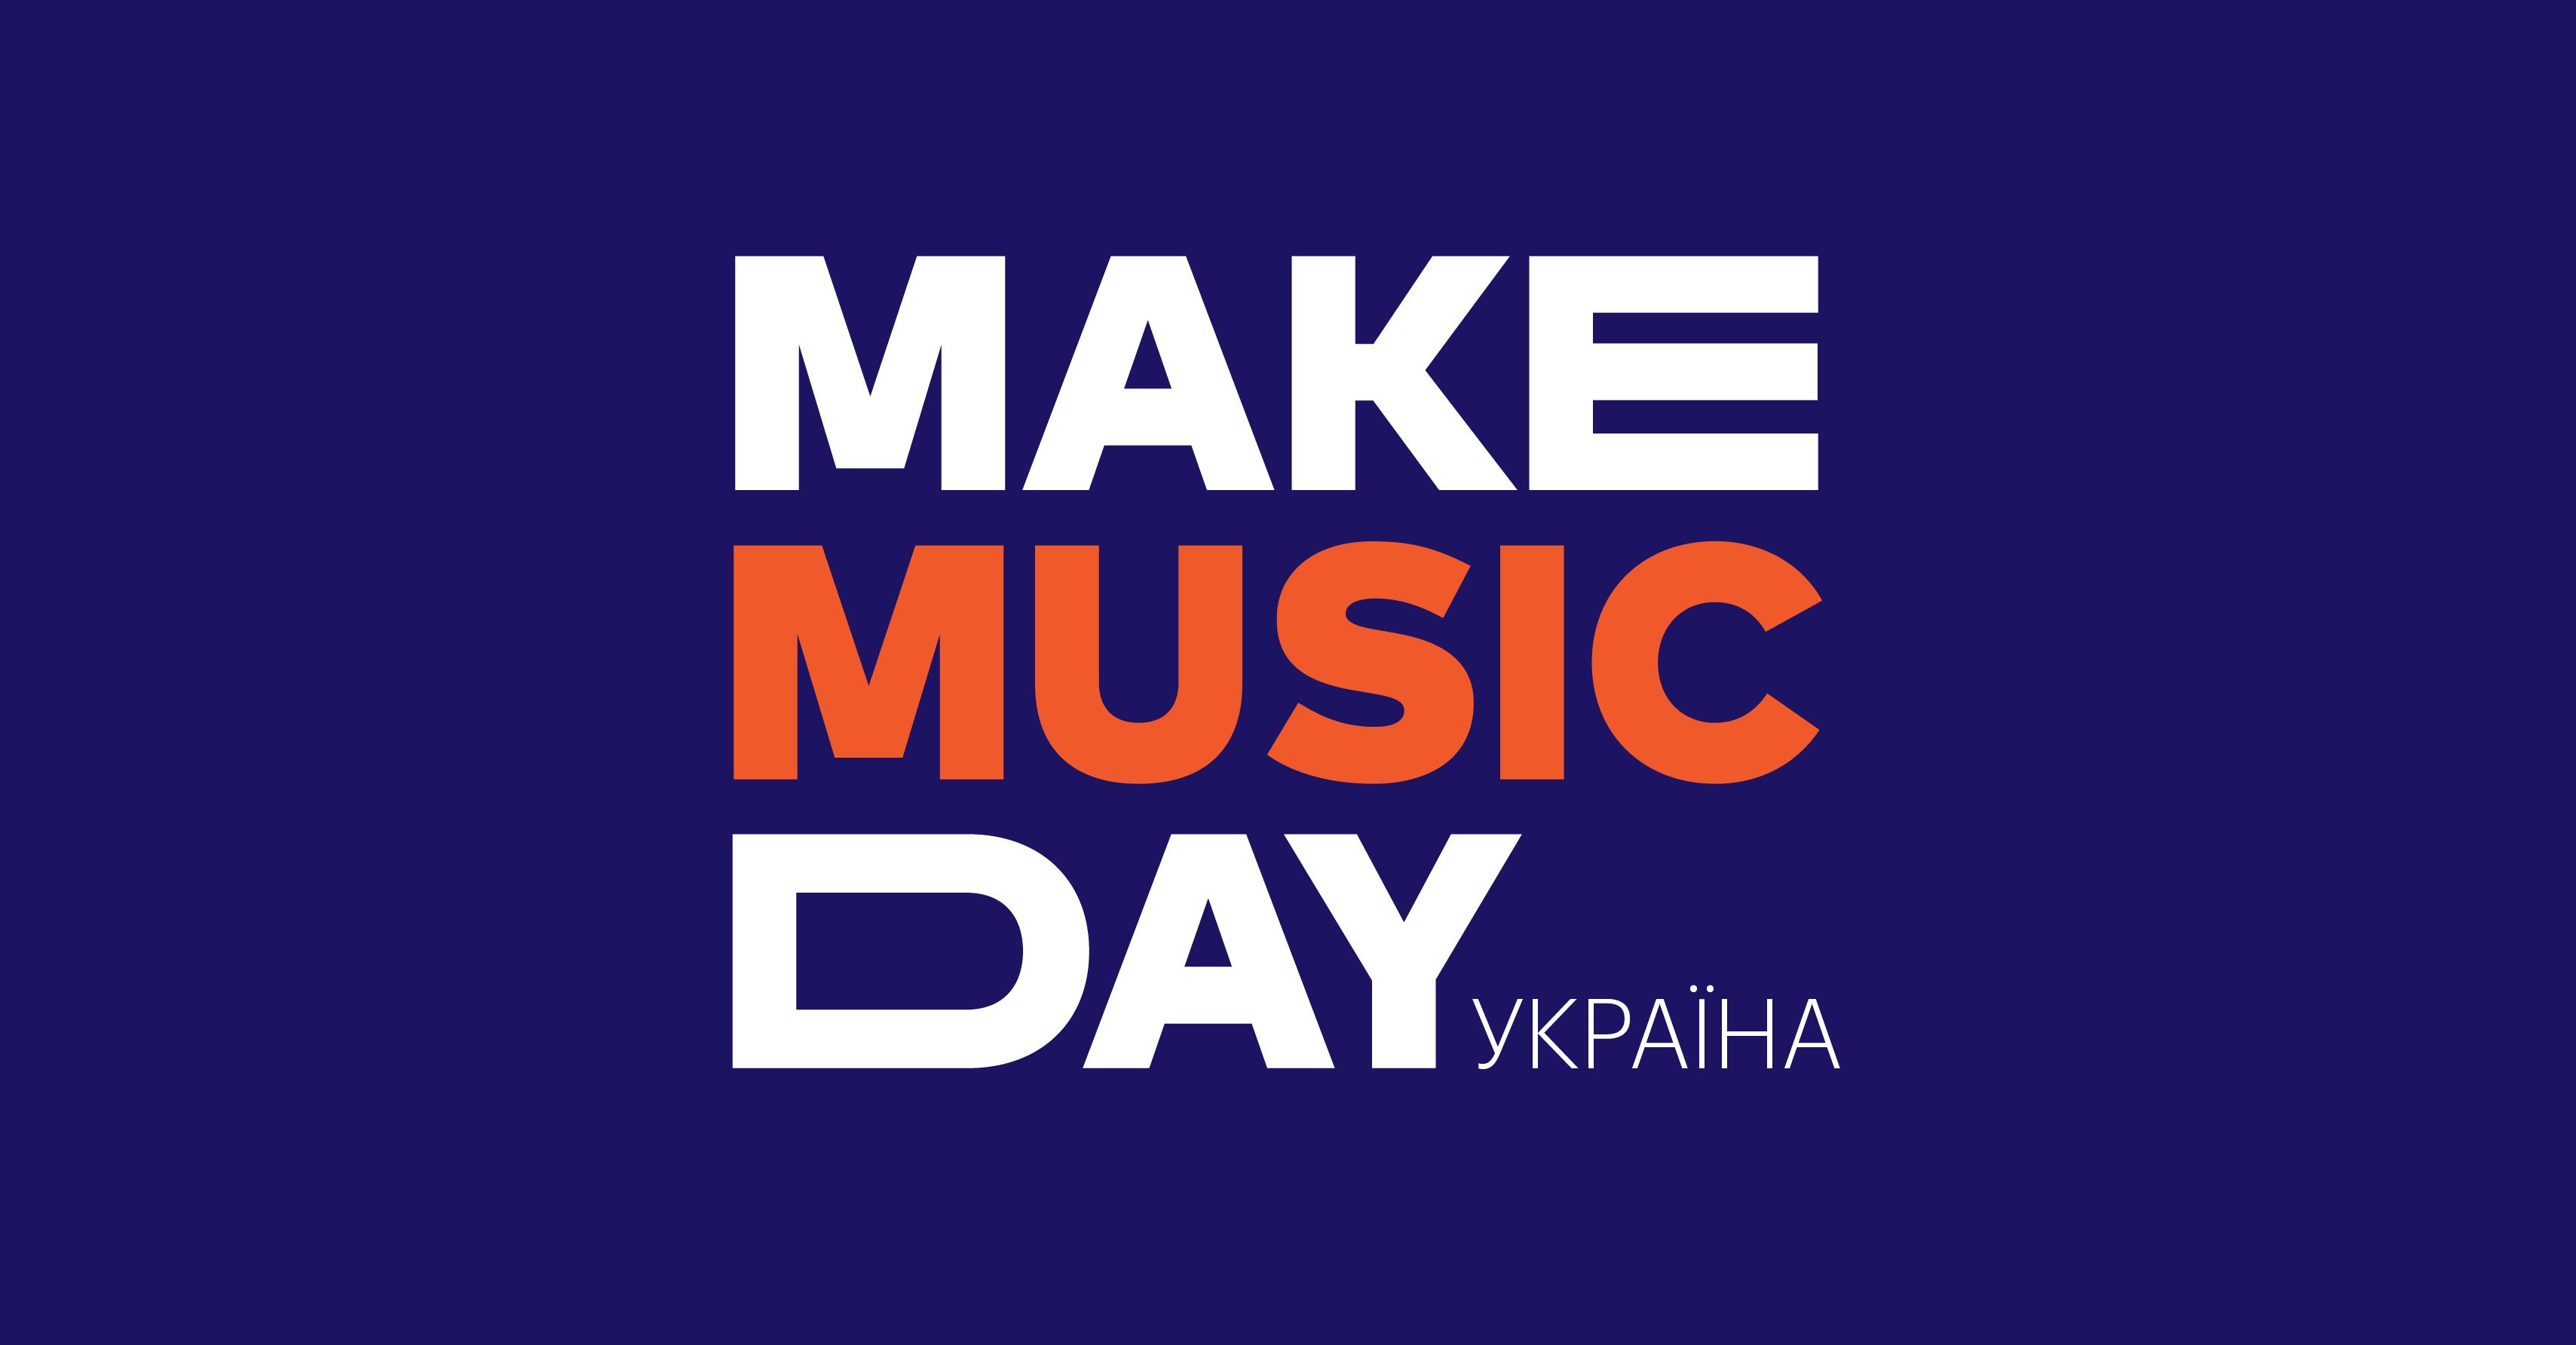 🎸 Харків та Львів влаштують музичне свято Make Music Day Україна — де подивитися